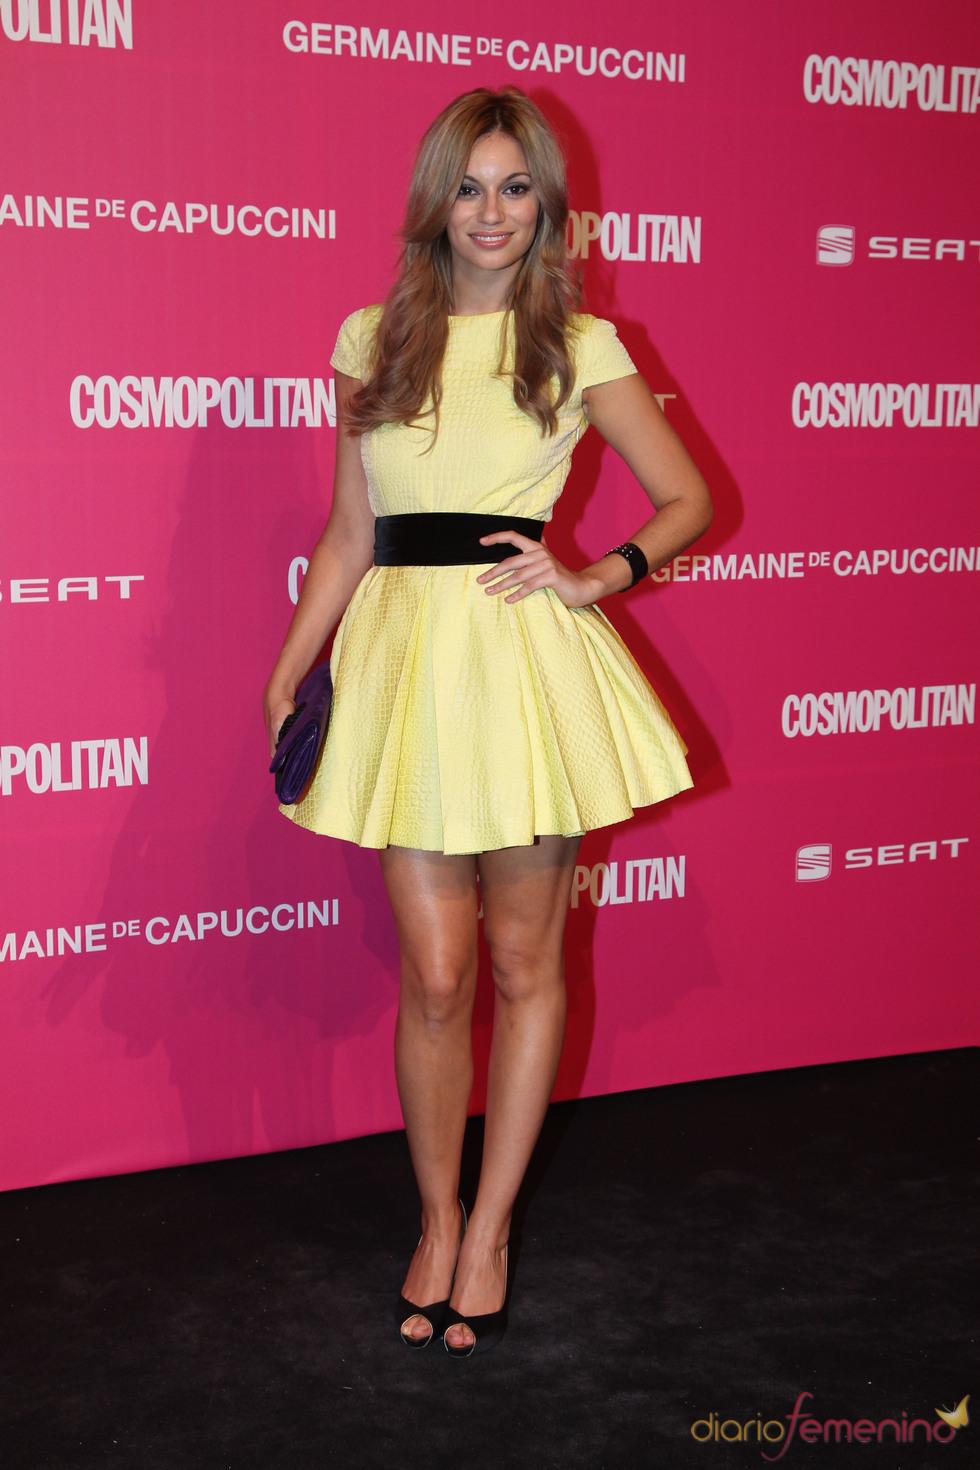 Premios Cosmopolitan 2010: Norma Ruiz